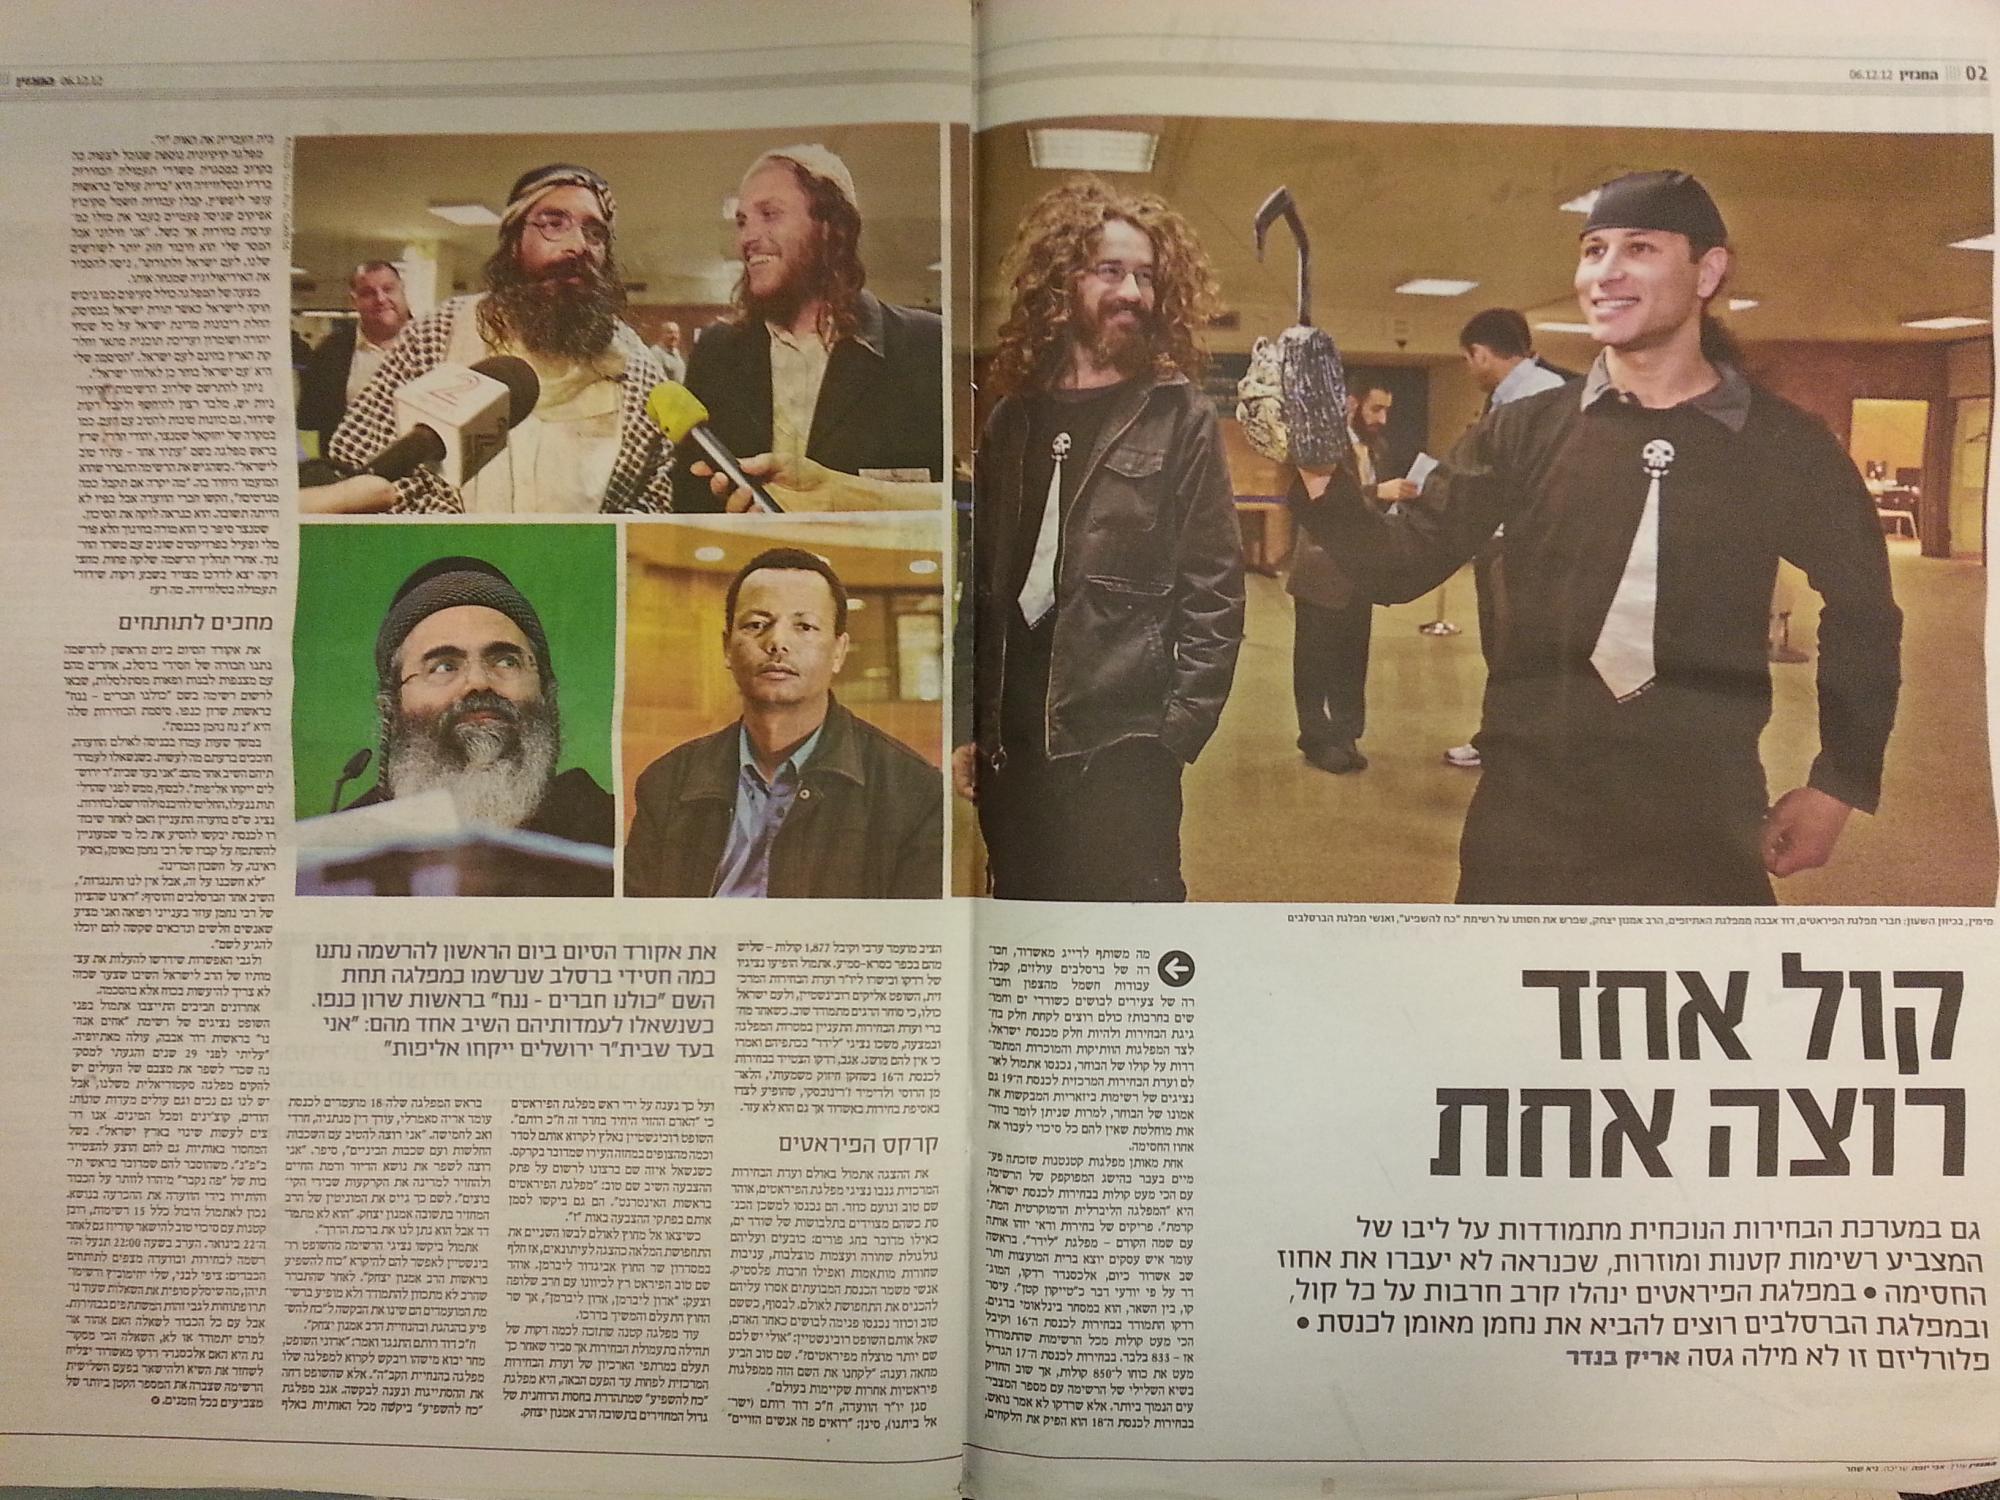 כתבה במגזין מעריב, 6 בדצמבר 2012